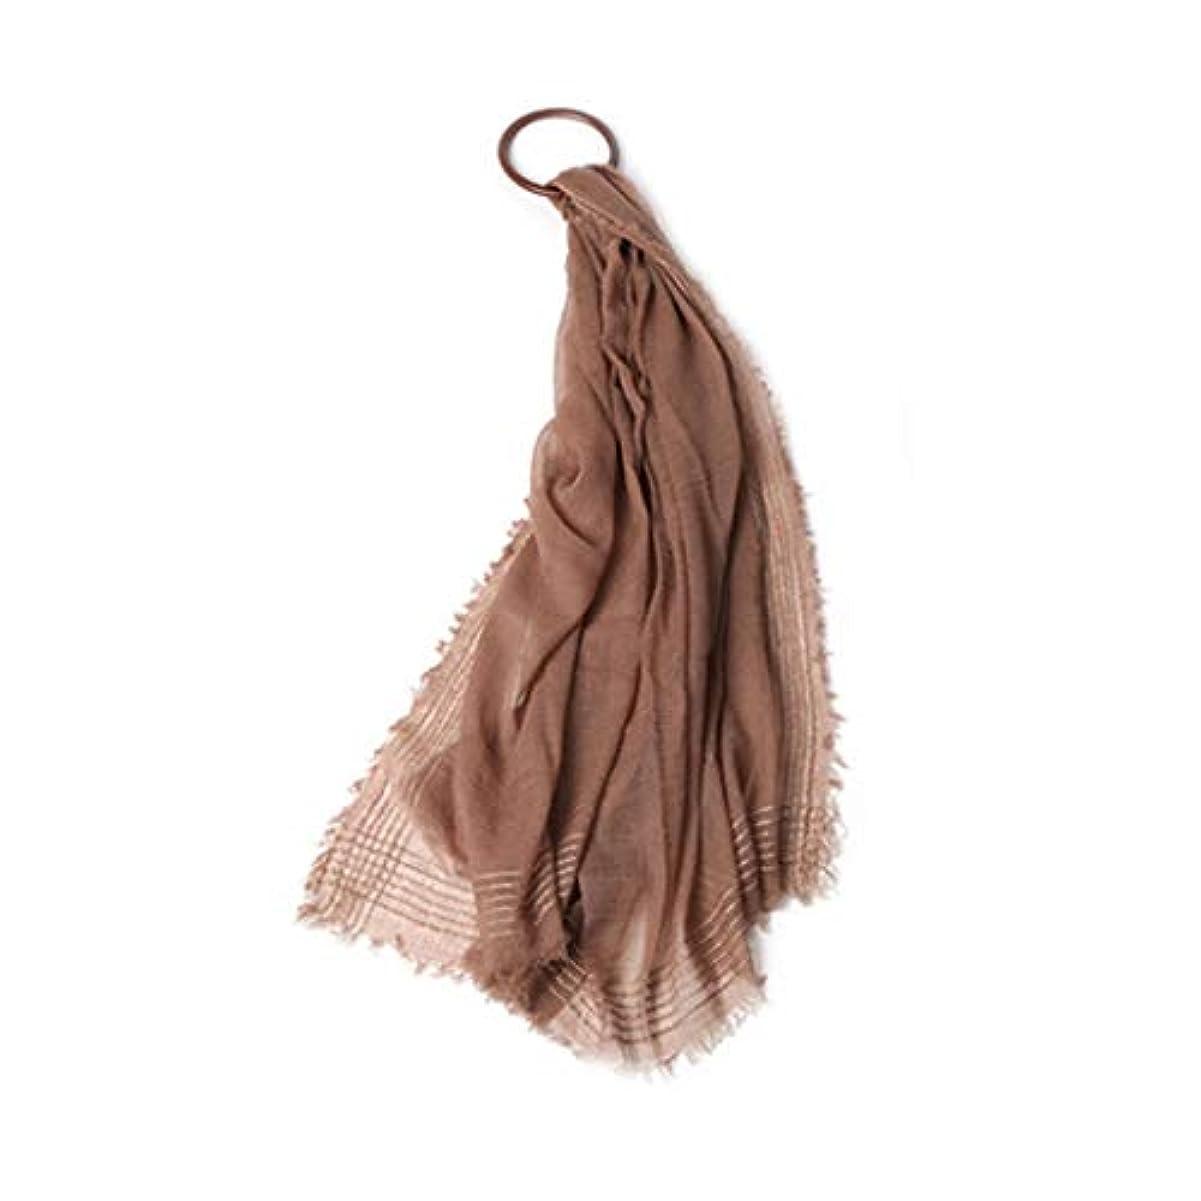 大統領三番対人女性ニューストリートハイエンドニットスカーフ、秋 & 冬マルチカラー女性ファッション長方形スカーフ、暖かい固体色スカーフショールデュアル目的